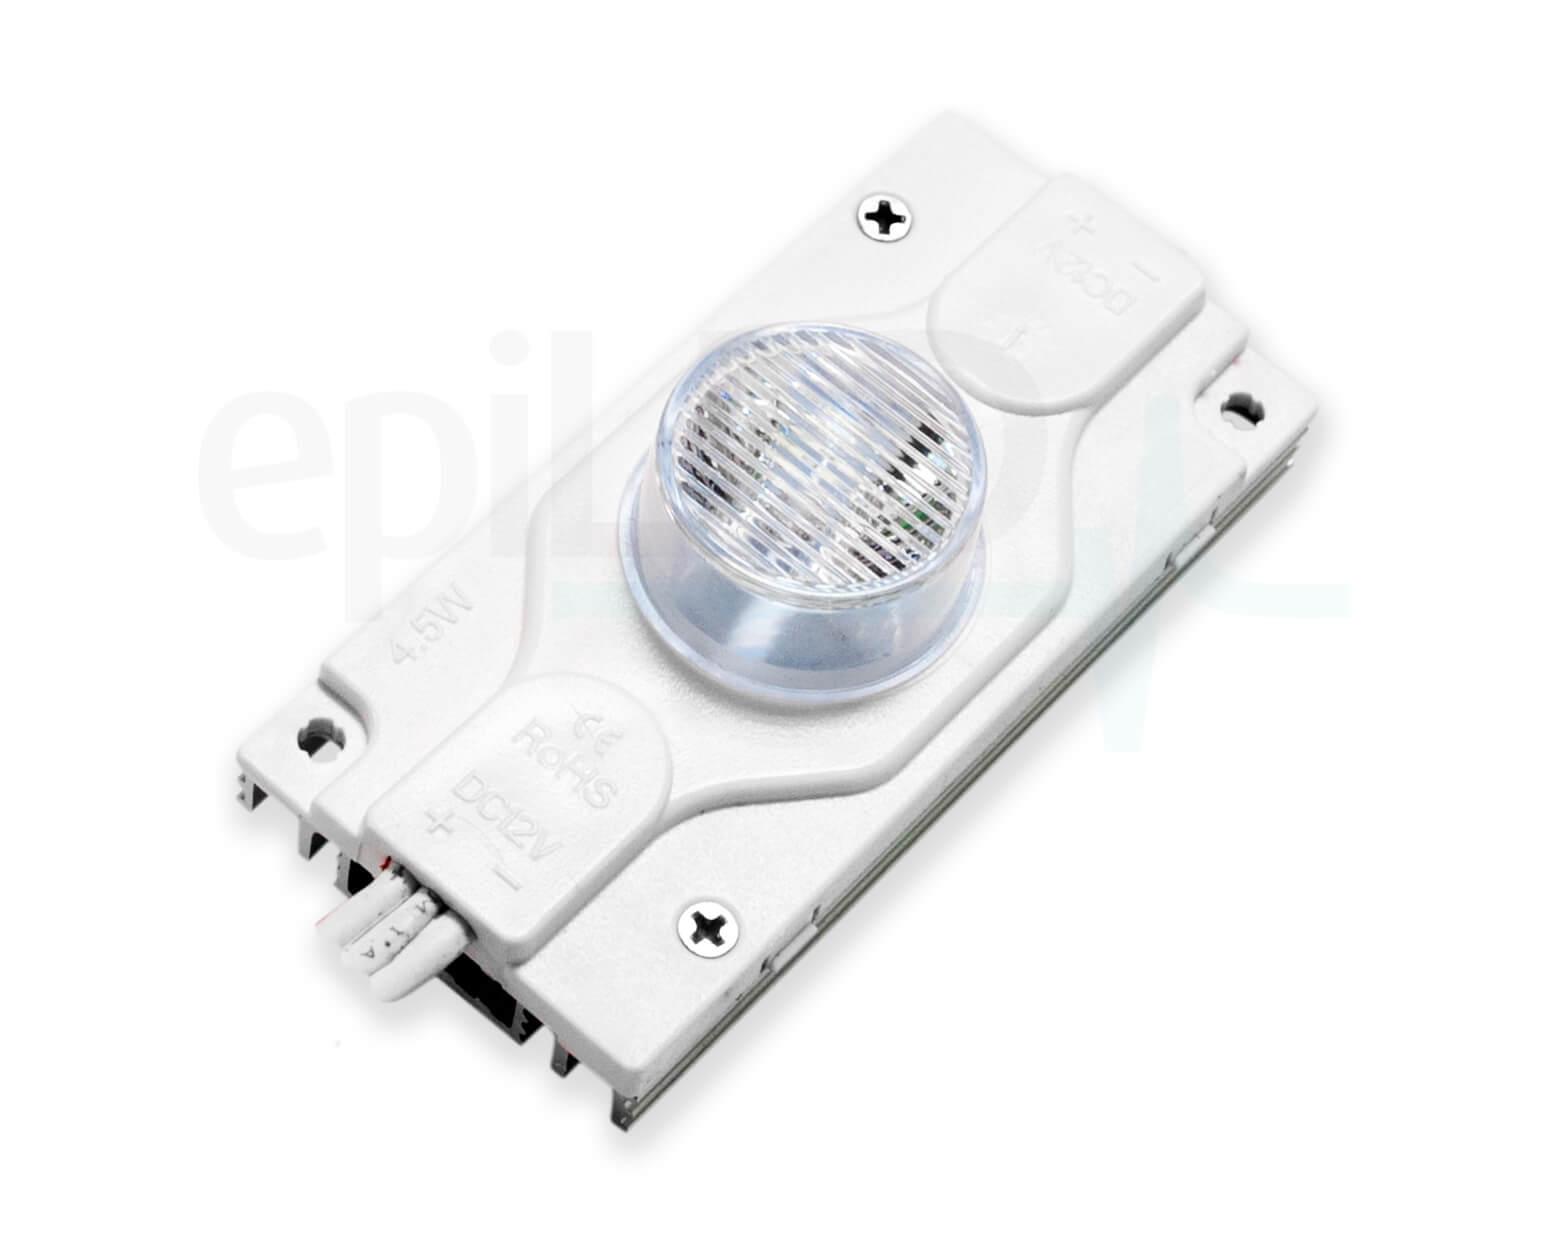 Moduł LED krawędziowy Elypso 4.5W